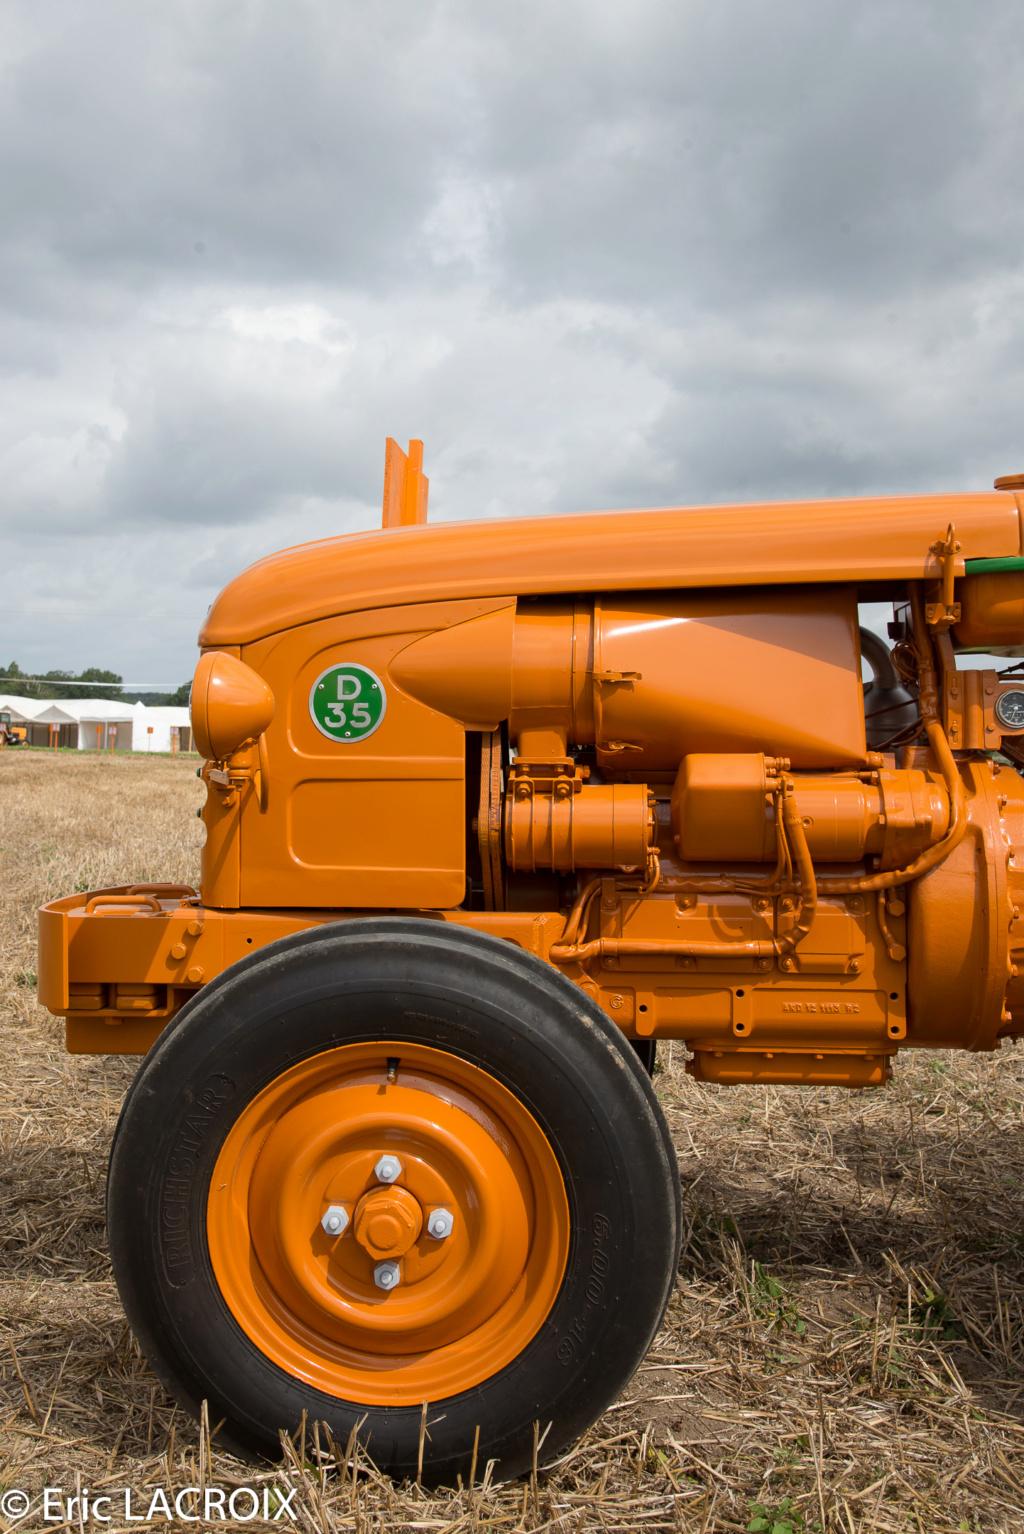 Les 100 ans du tracteur RENAULT en photo... - Page 2 2018_033